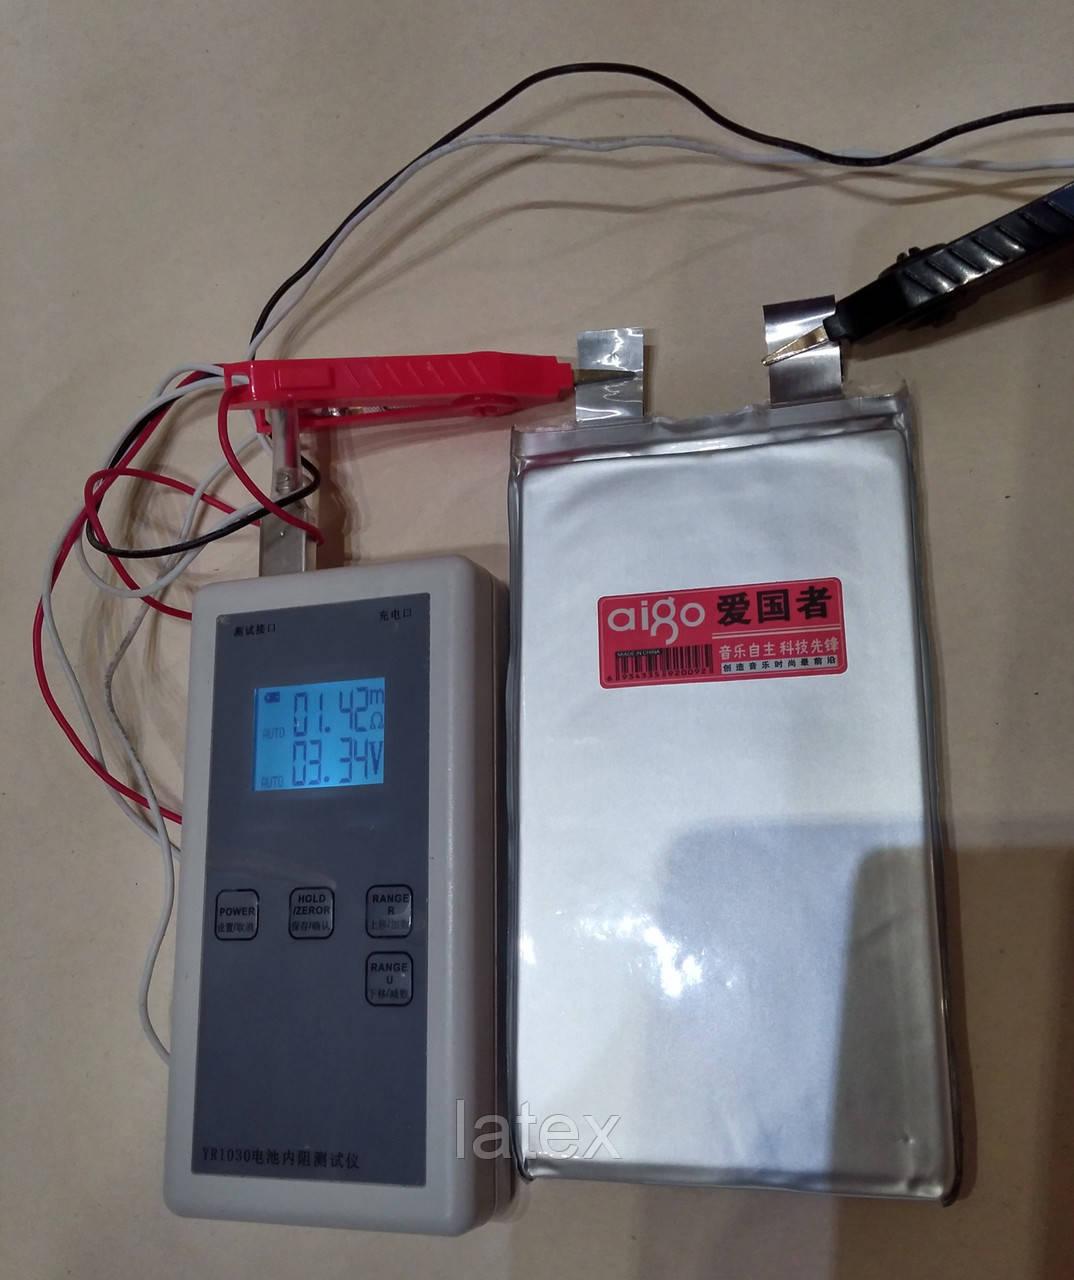 Аккумулятор LiFePo4 Литий-железо-фосфатный 3,2v* 6,5ah* для моделей. - Matrix.DC в Киевской области